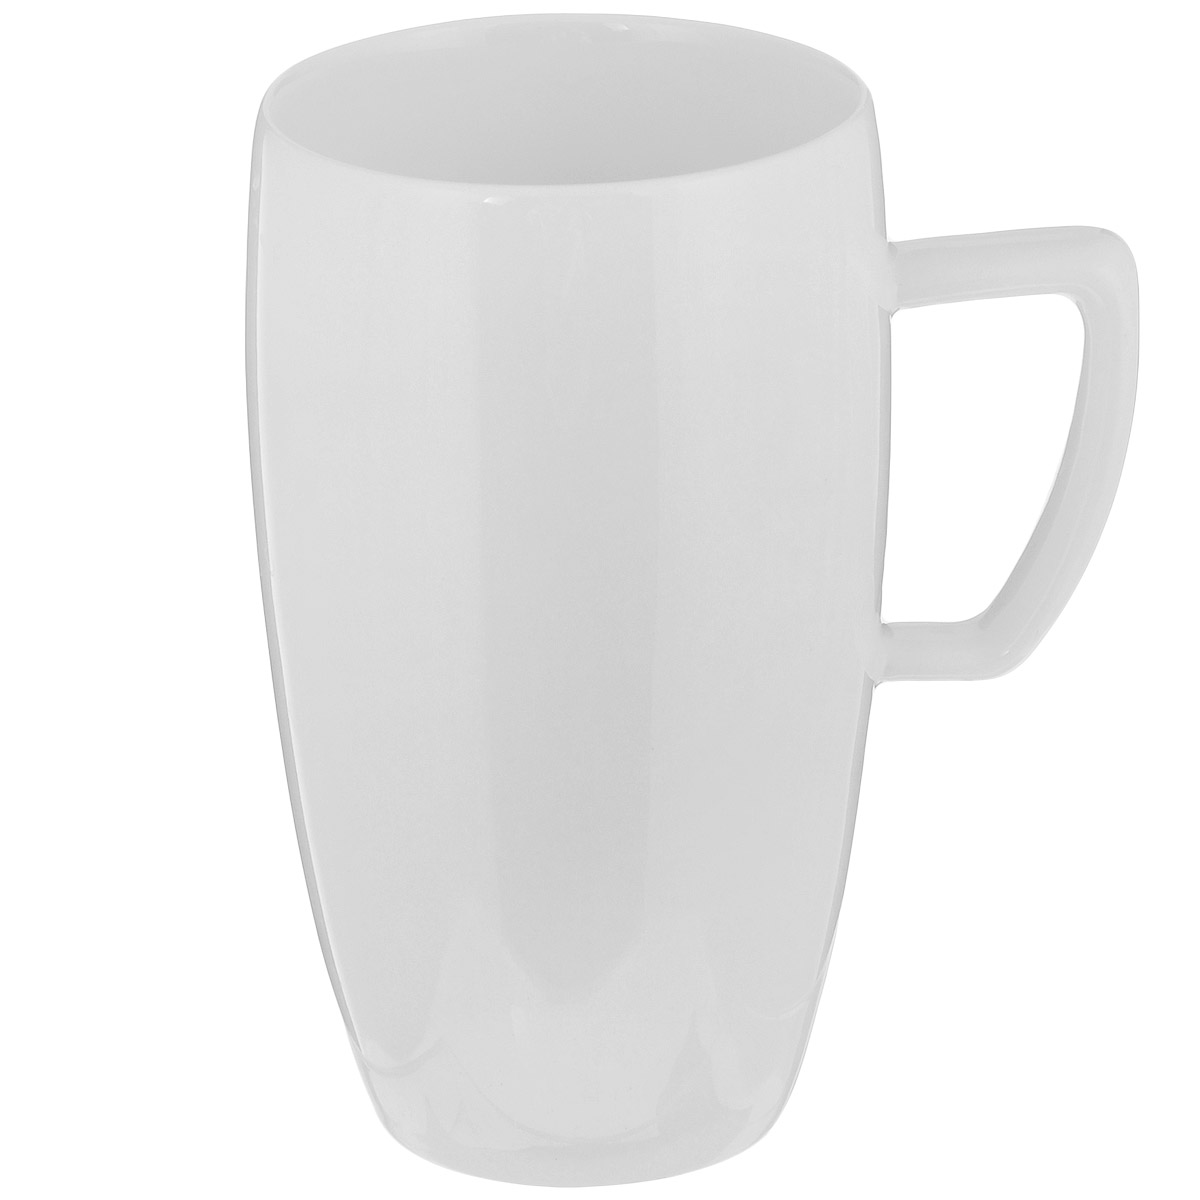 """Чашка Tescoma """"Crema"""" выполнена из высококачественного фарфора однотонного цвета и прекрасно подойдет для вашей кухни. Чашка изысканно украсит сервировку как обеденного, так и праздничного стола. Предназначена подачи кофе латте.  Пригодна для использования в микроволновой печи. Можно мыть в посудомоечной машине. Диаметр по верхнему краю: 8 см. Высота: 14 см. Объем: 500 мл."""